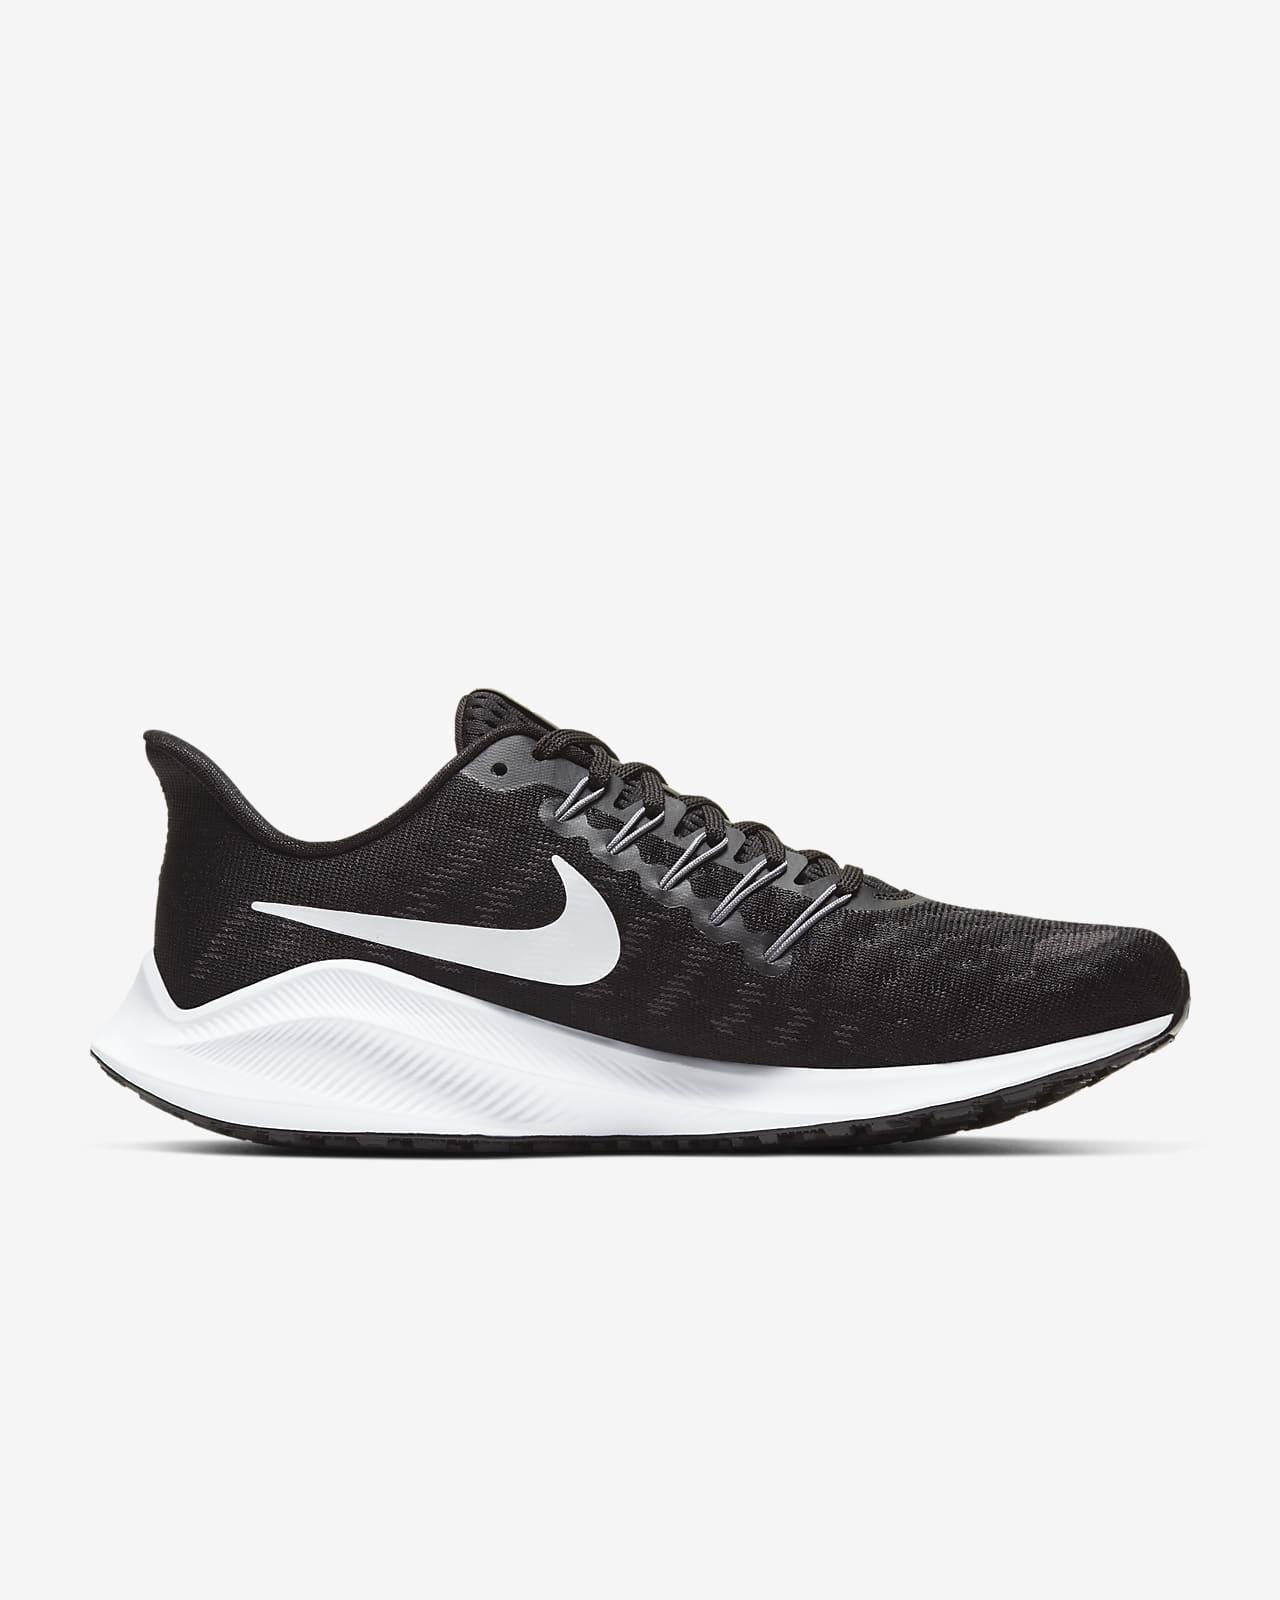 Nike Air Zoom Vomero 14 Women's Running